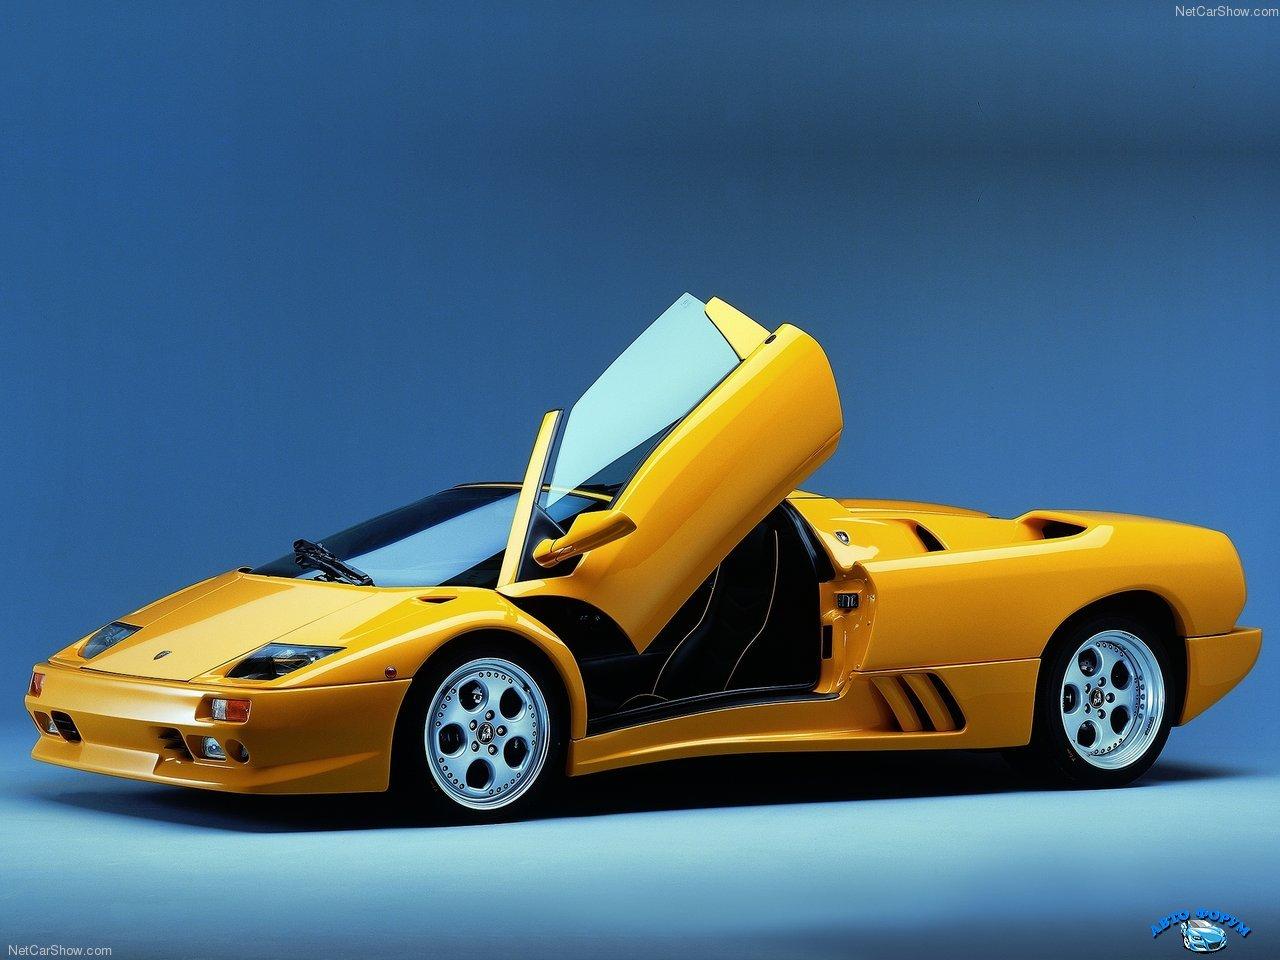 Lamborghini-Diablo_Roadster_1996_1280x960_wallpaper_01.jpg